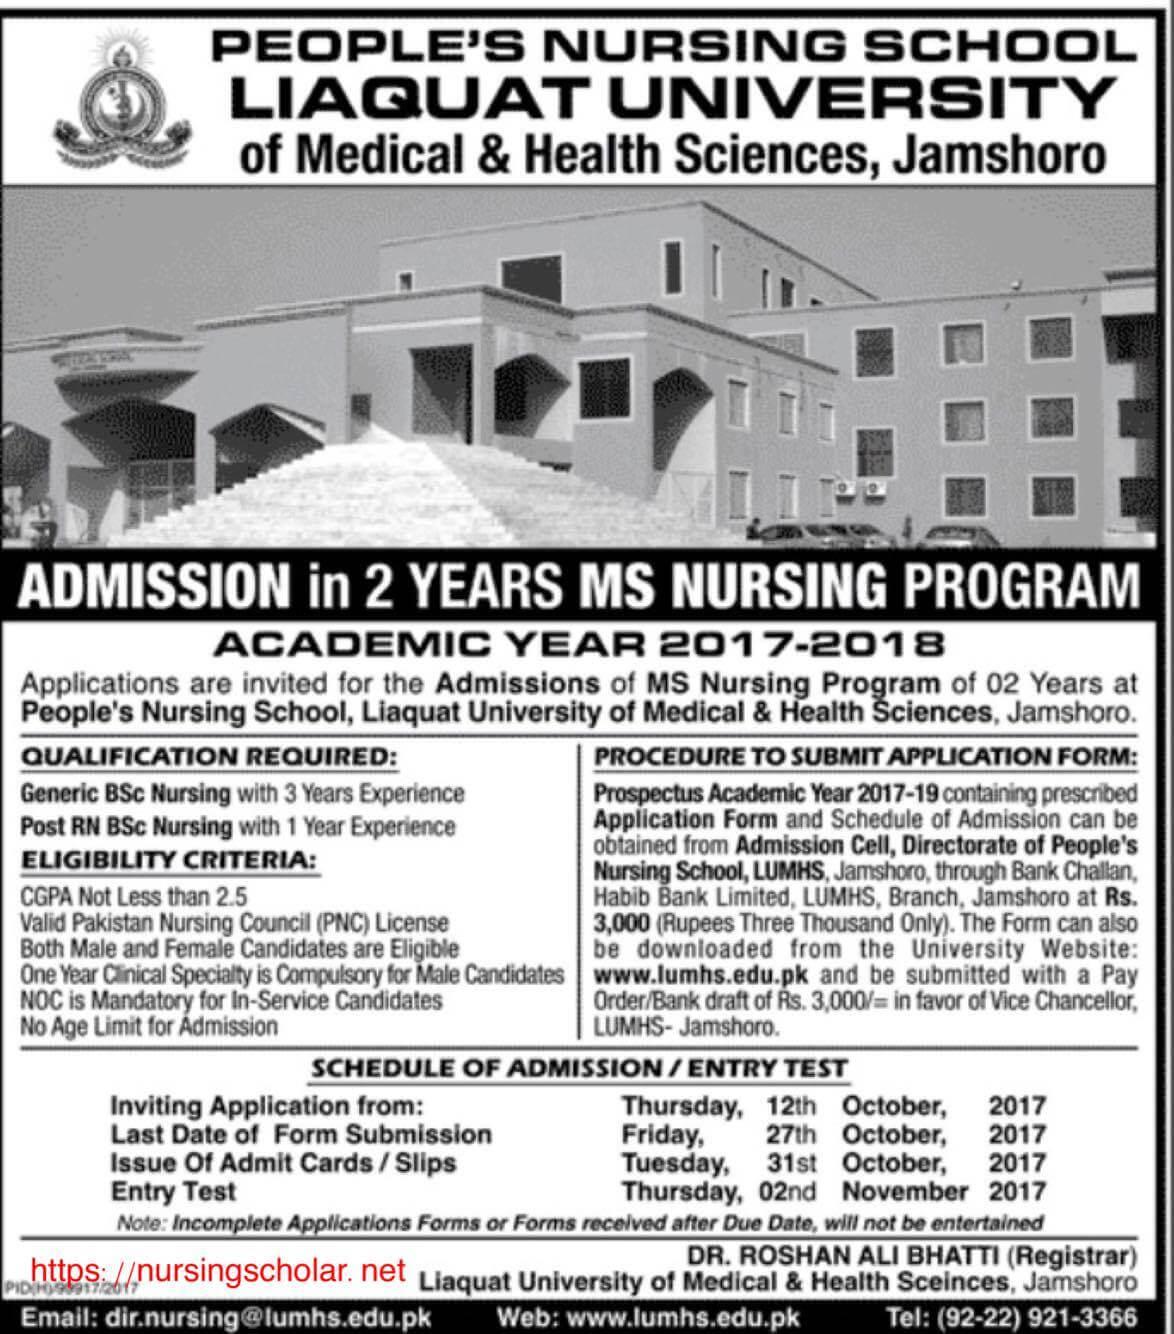 People's Nursing School LUMHS Jamshoro Admission 2017